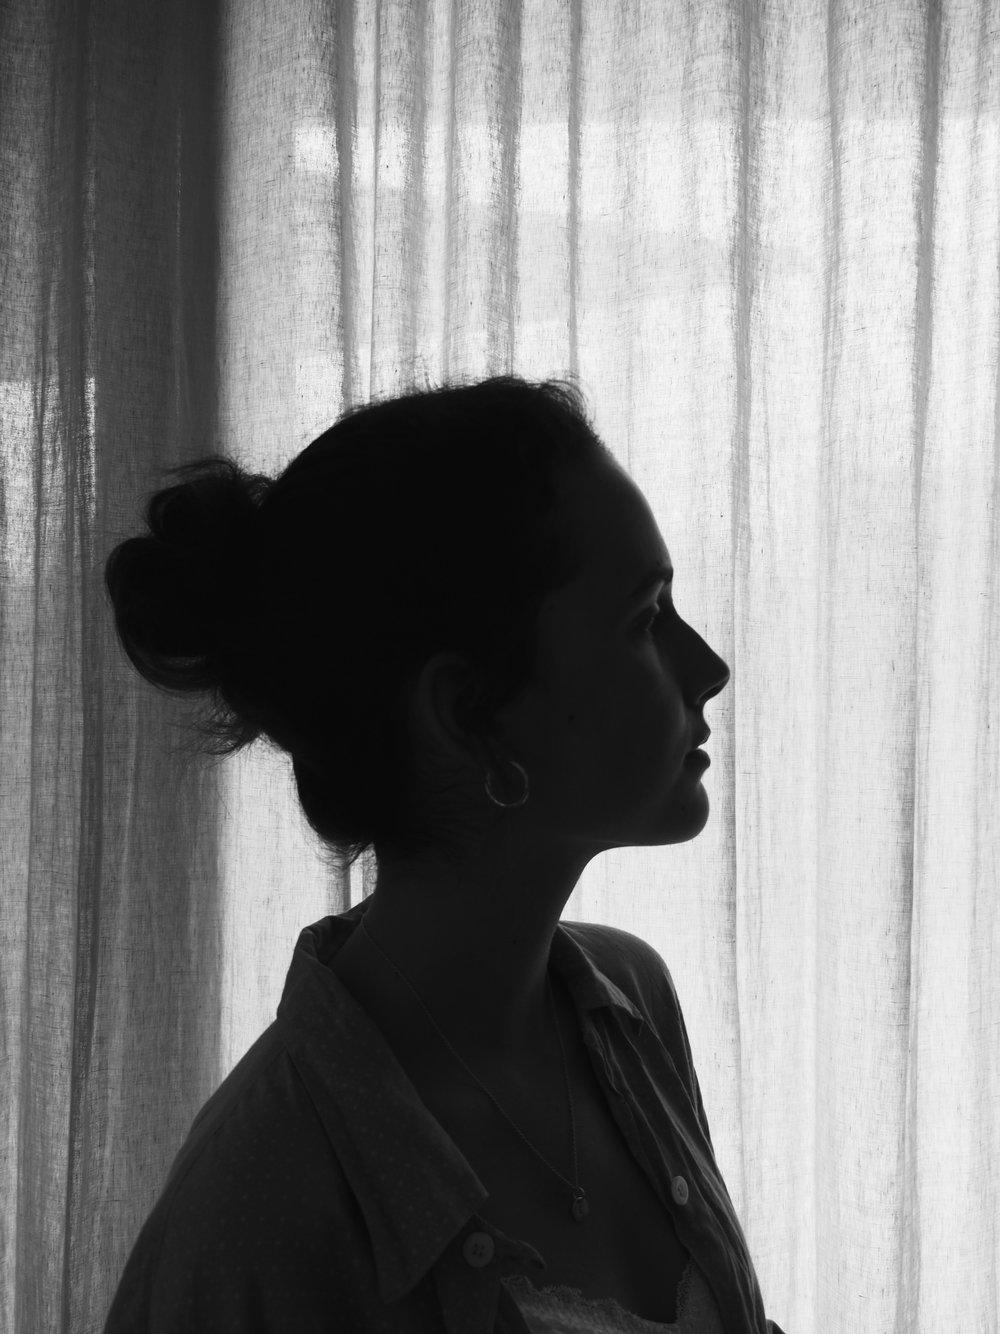 - Angstvor deinen AugenAngstmich darinzu verlierenin dirmich zu verratenund zu offenbarenAngstvor Intimität dieser Artlieber lasse ich michvon deinen Händenals von deinen Blickenberührendann übergebe ich dirmeinen Körperlasse ihn Mauern errichtenund schütze durch ihndas Dahintermich.